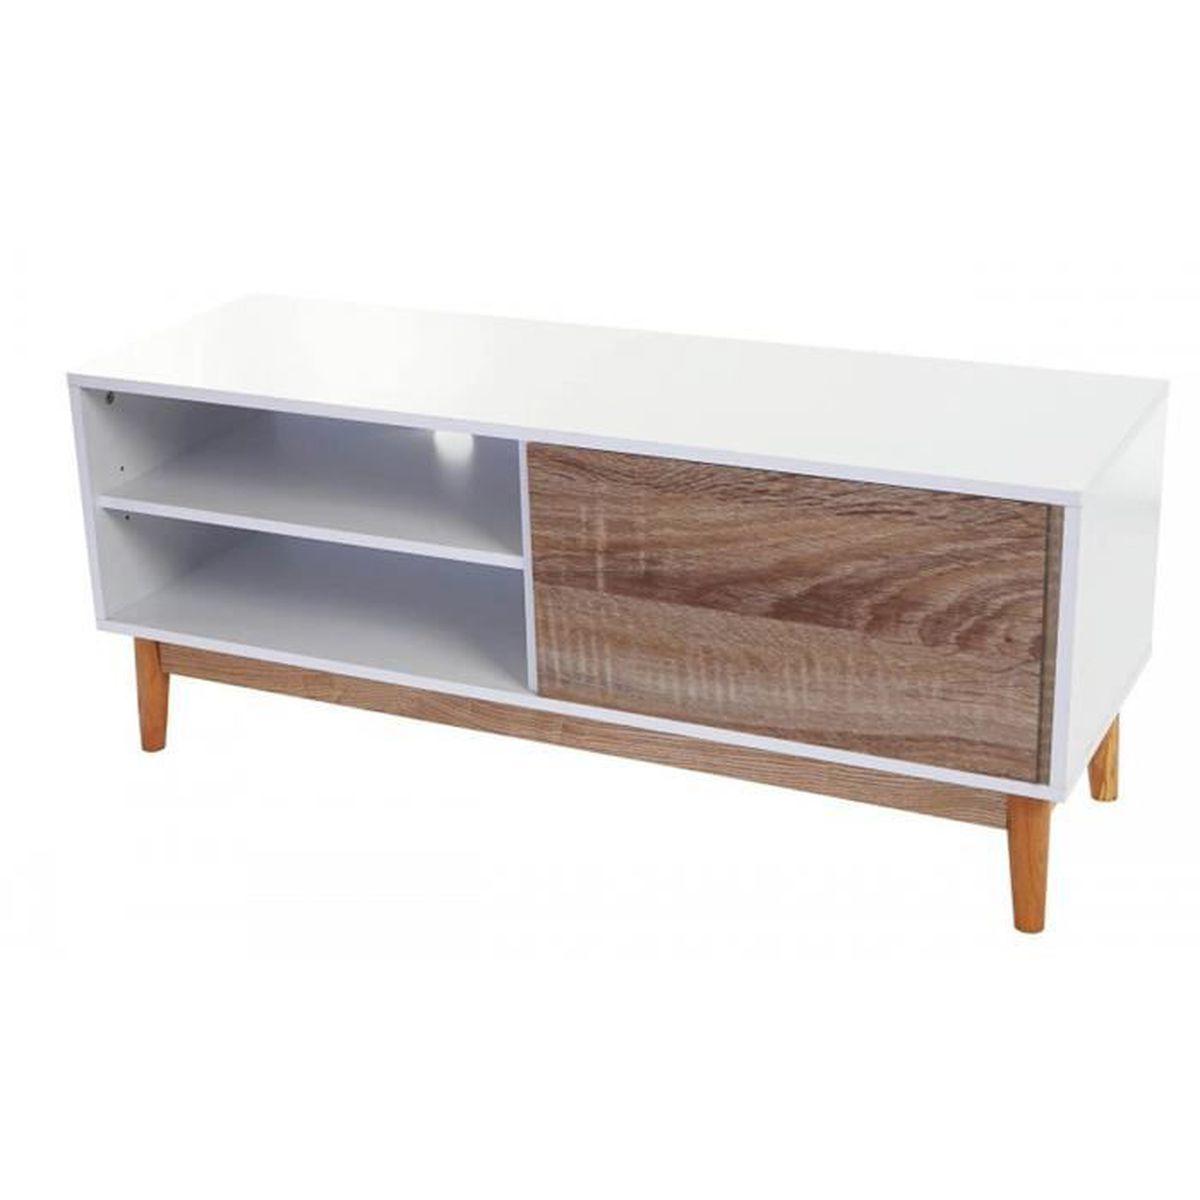 Meuble bois blanc pas cher finest meuble bois blanc pas for Meuble cuisine blanc et bois